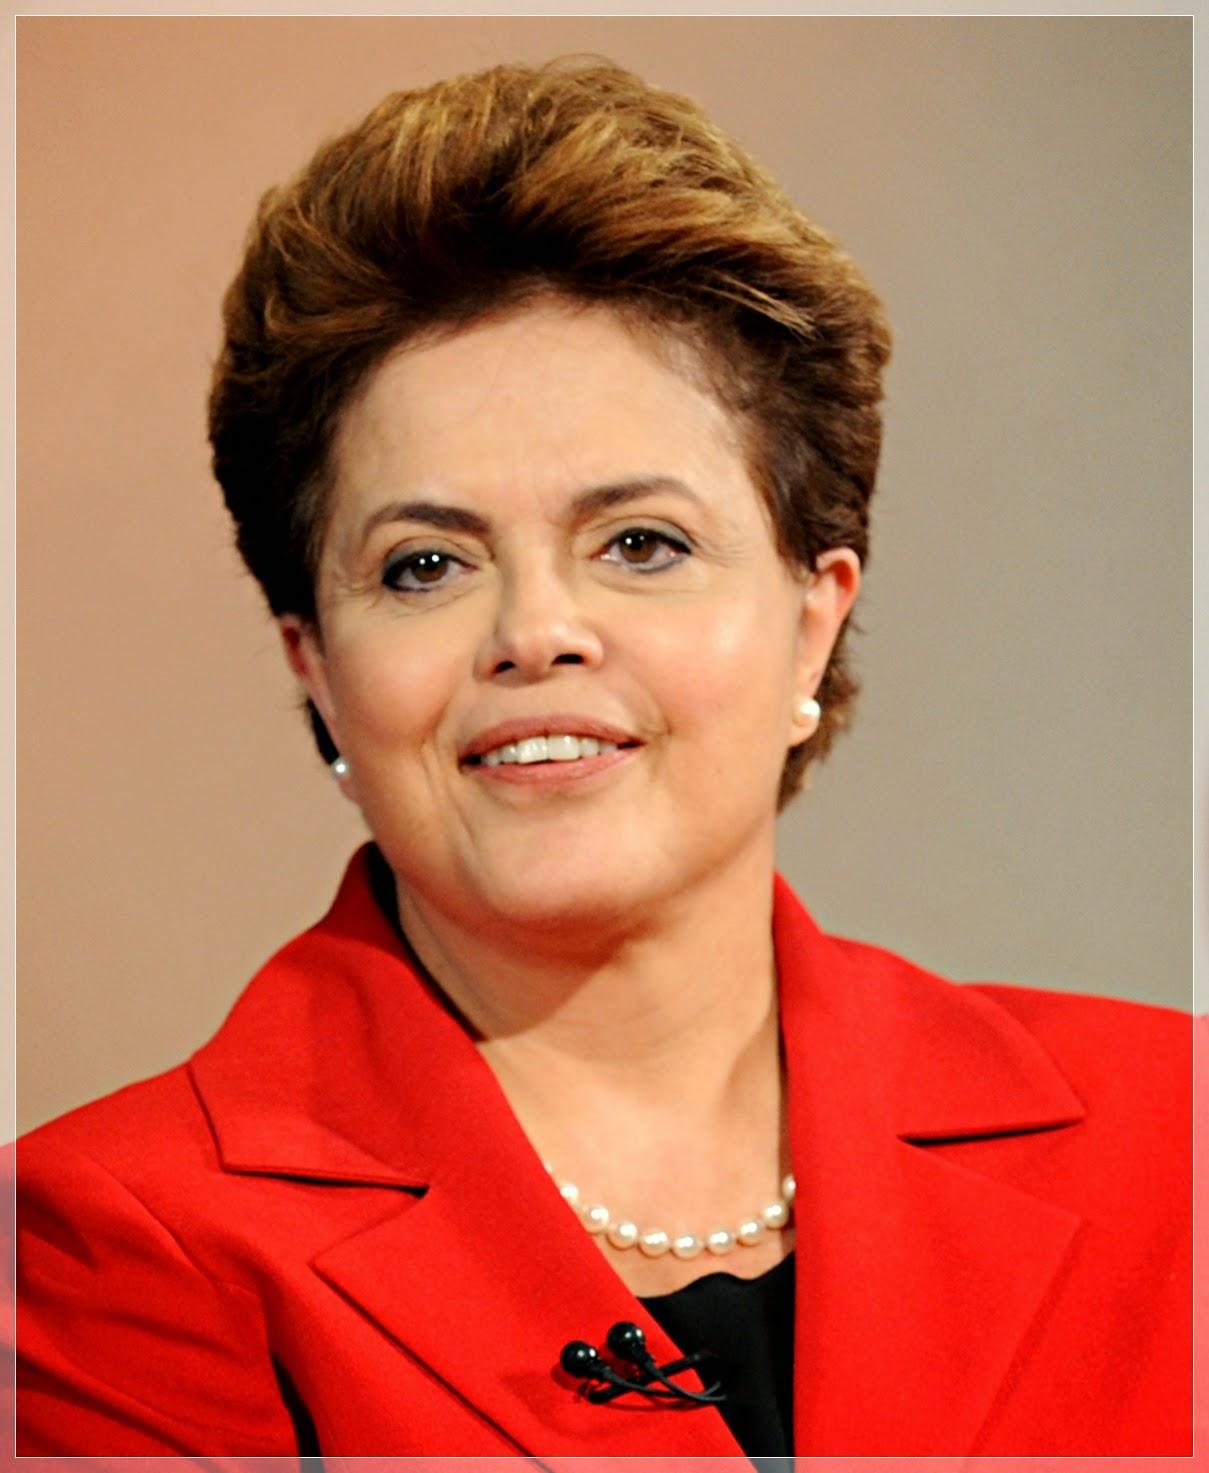 Dilma vence e continua presidente do Brasil, isso é bom ou ruim?